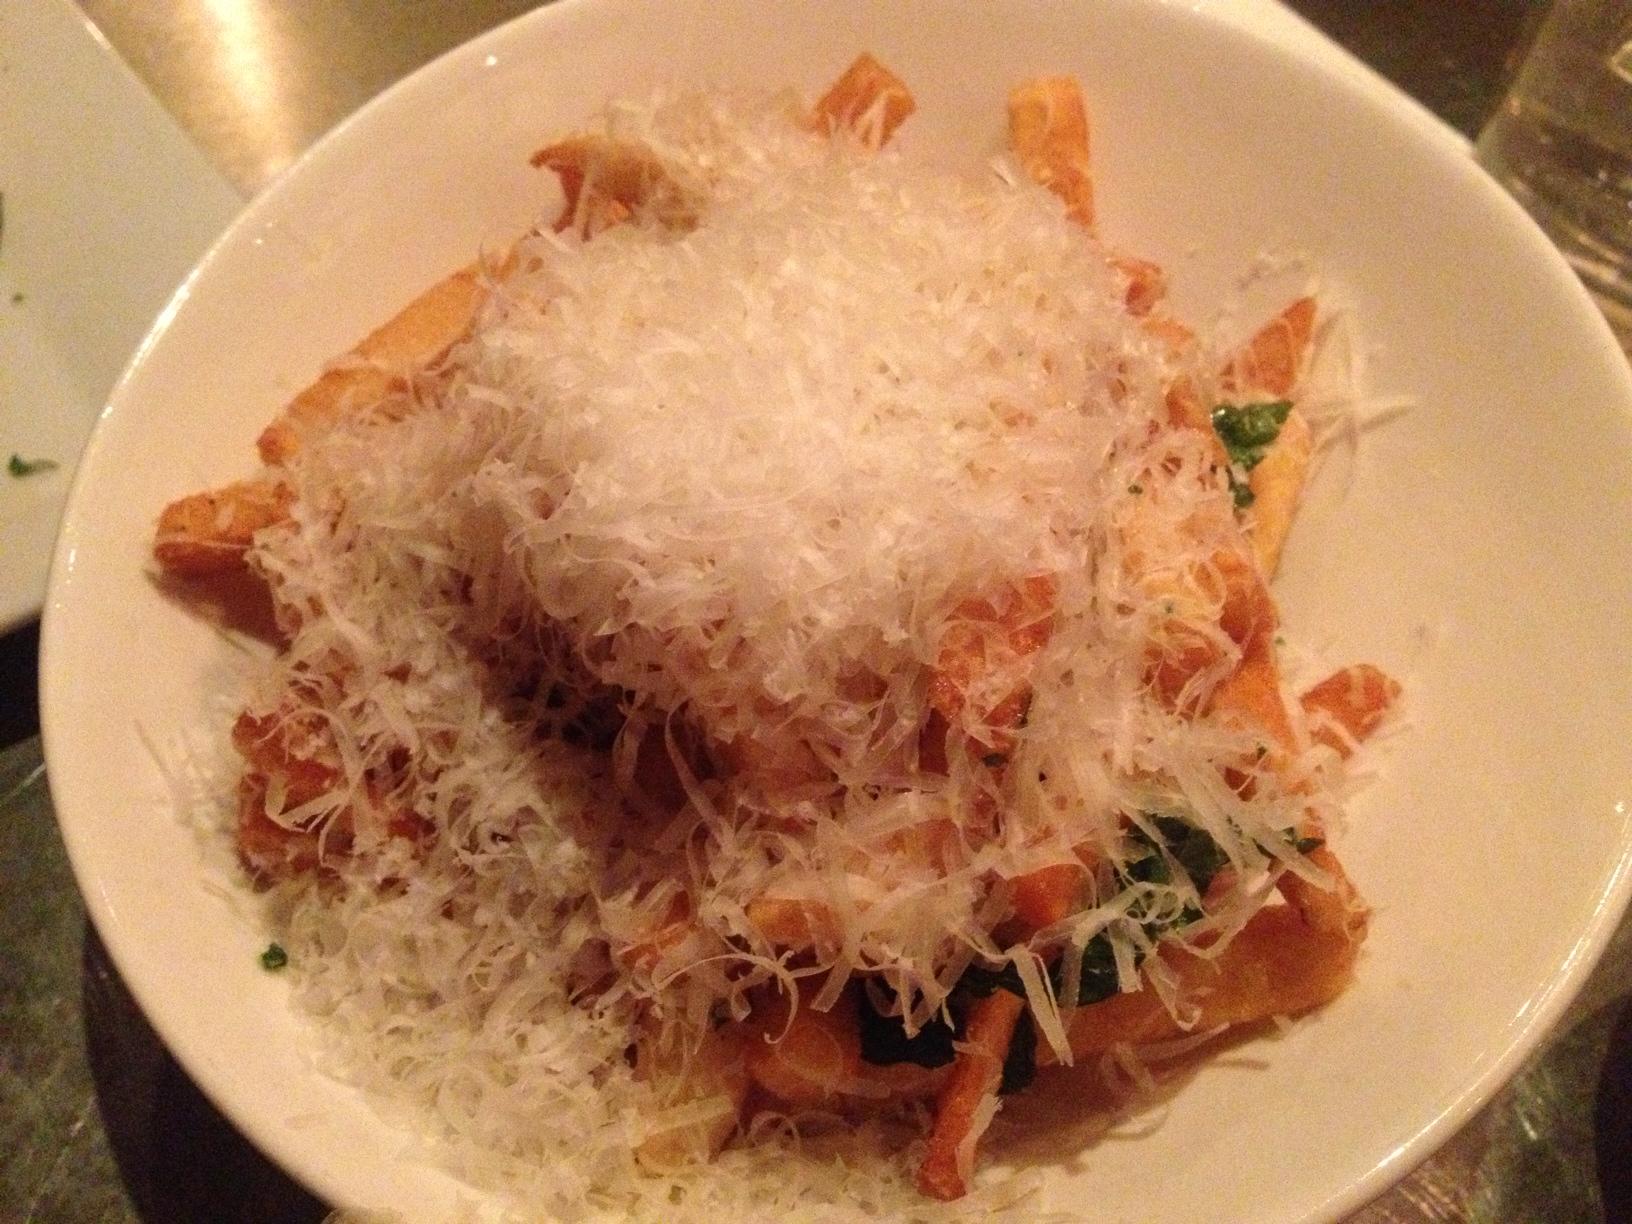 Garlic Herb Parmesan Fries